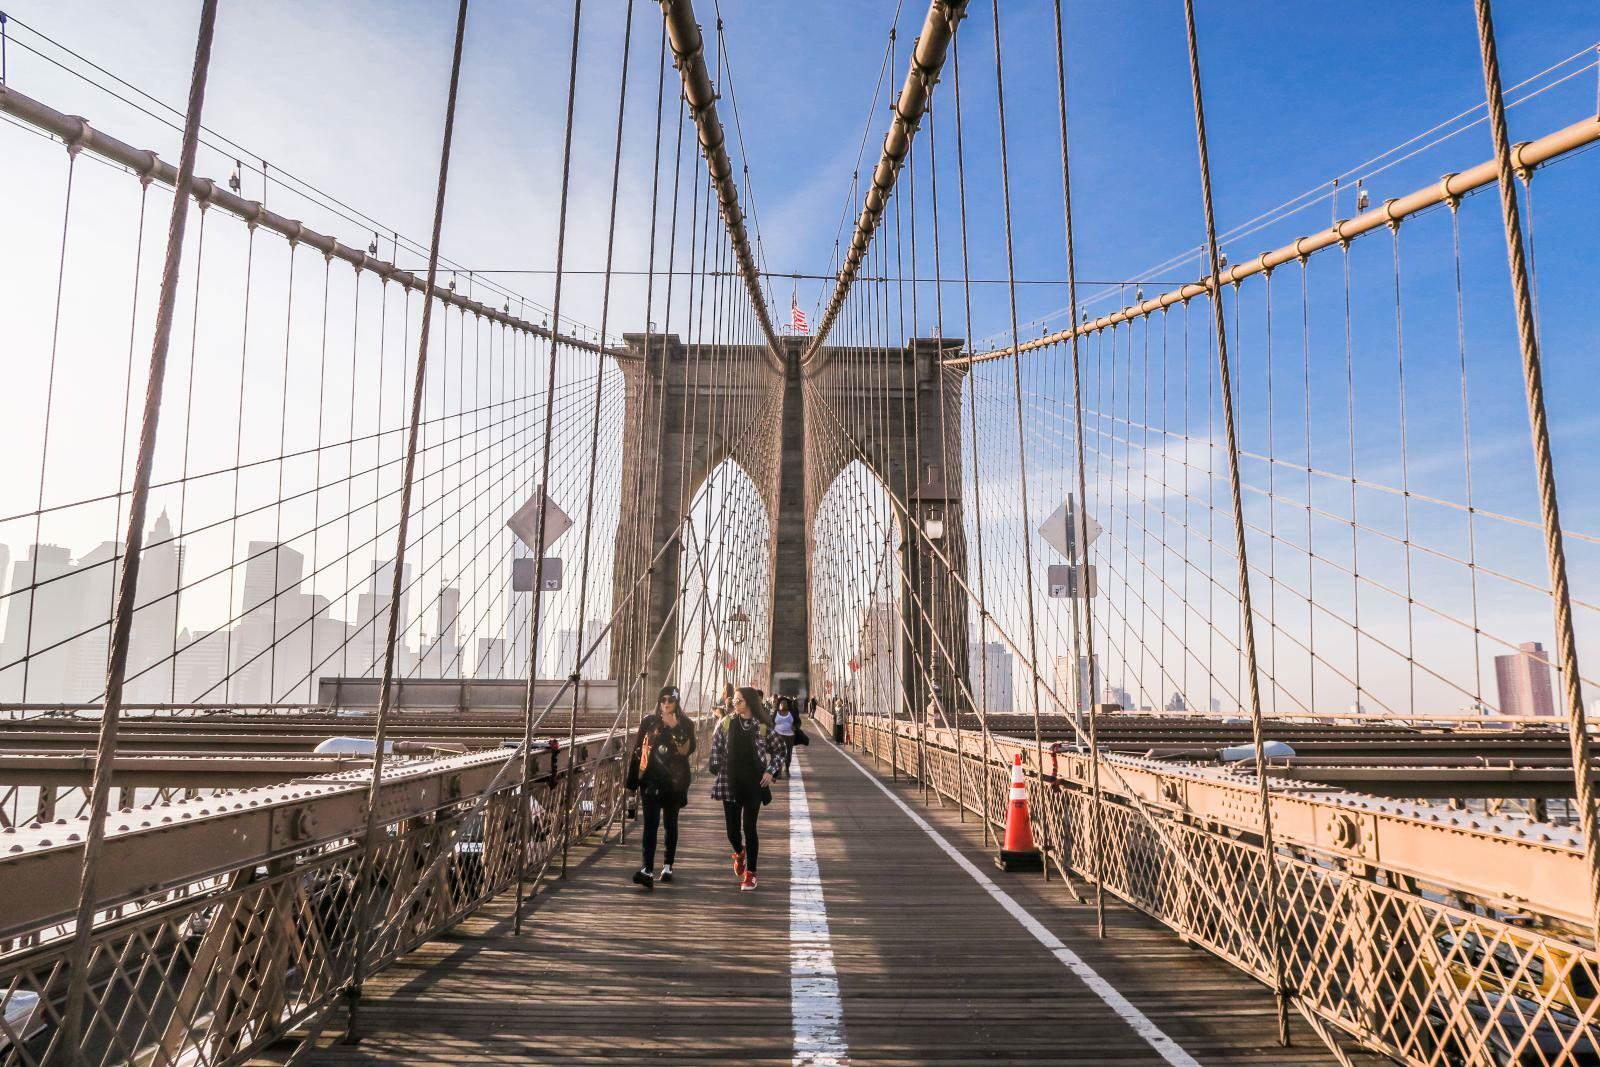 Motivos para visitar o Brooklyn em Nova York 6 dicas Viaje Global